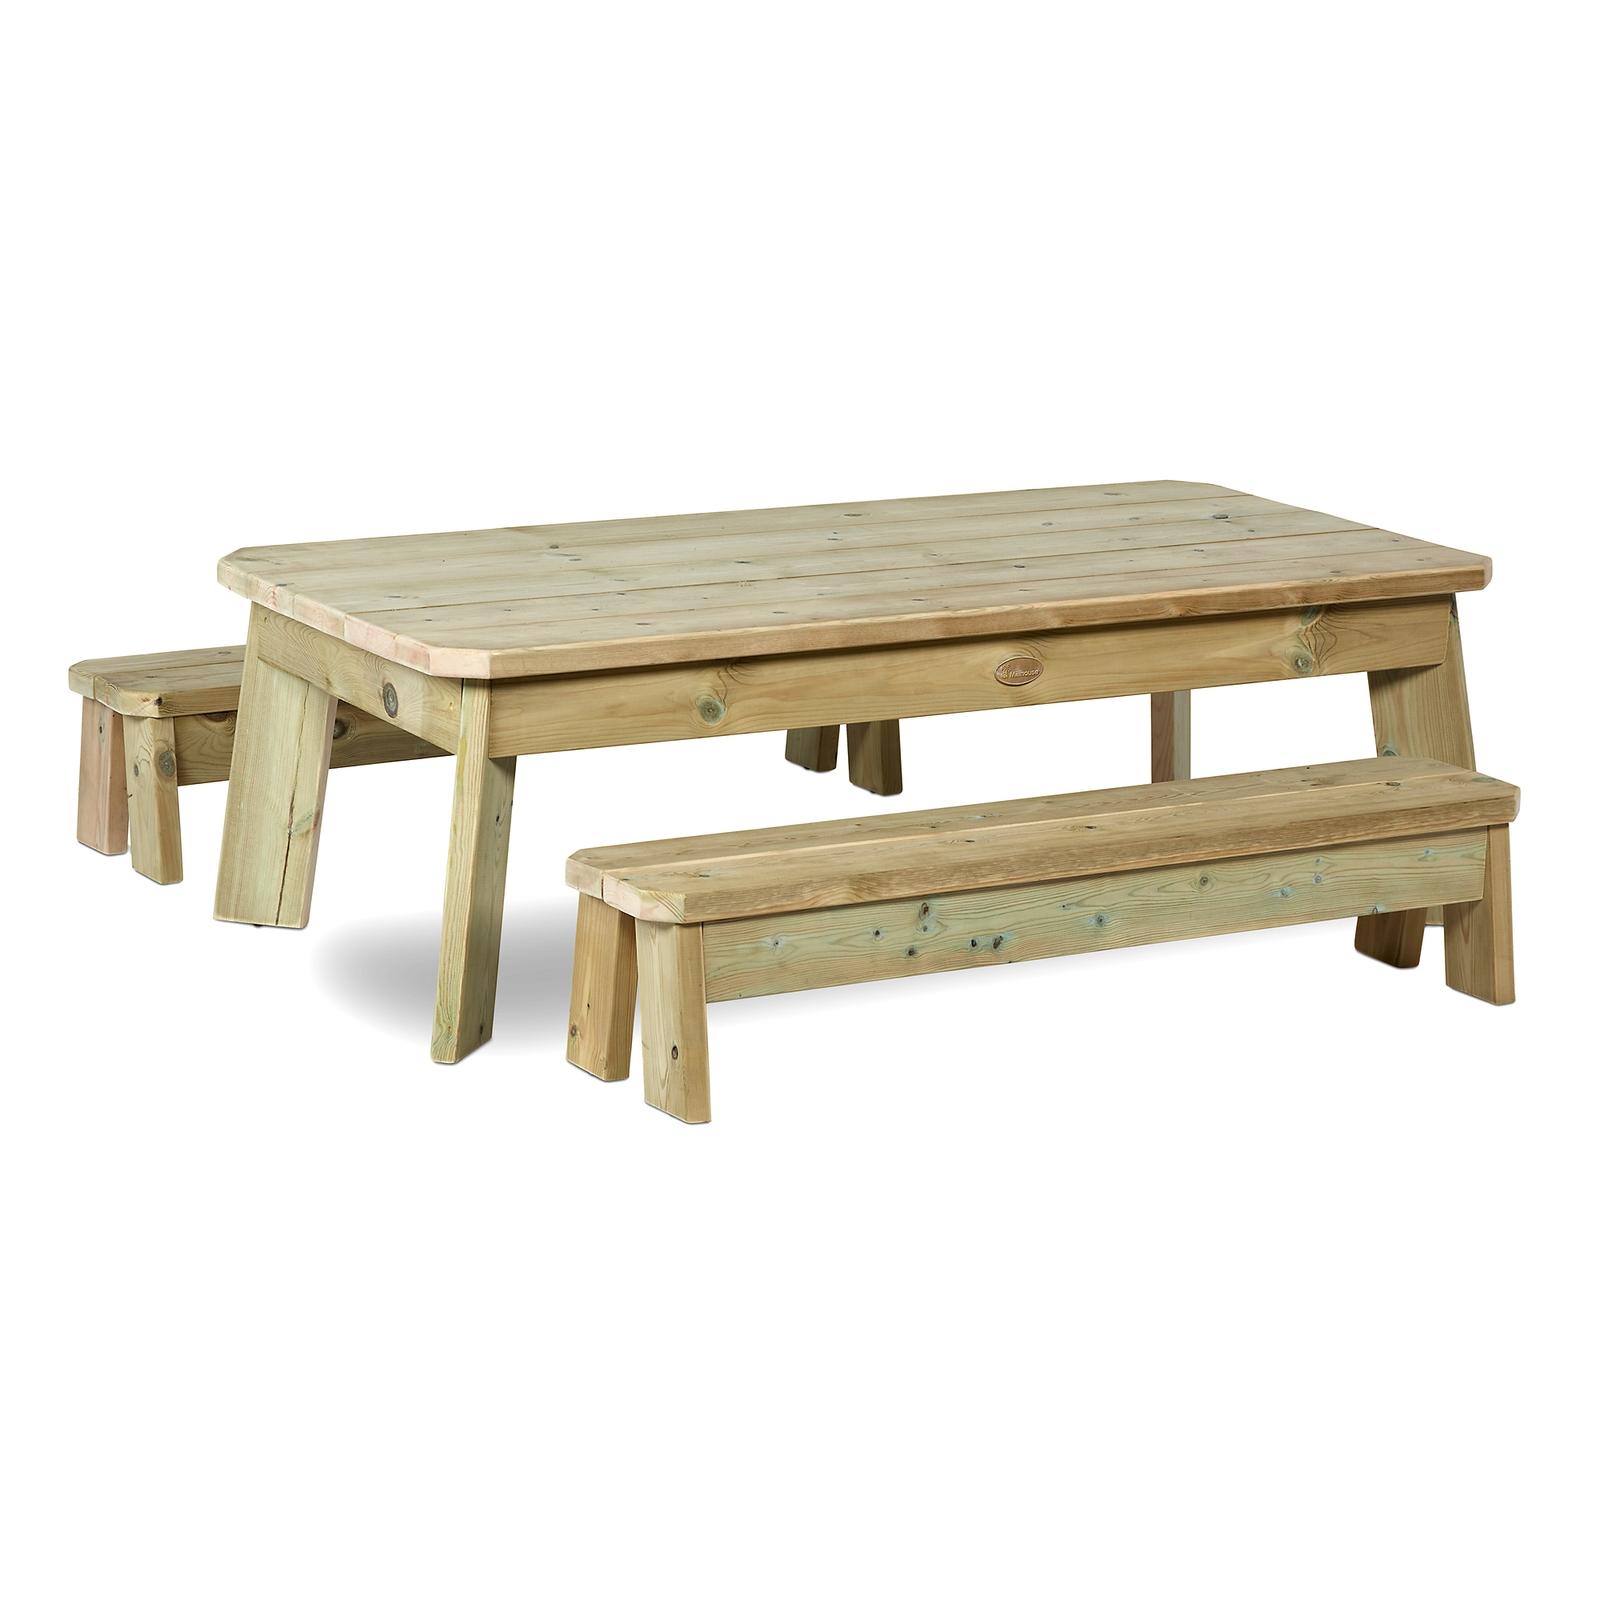 Rectangular Table & Bench Set - Toddler